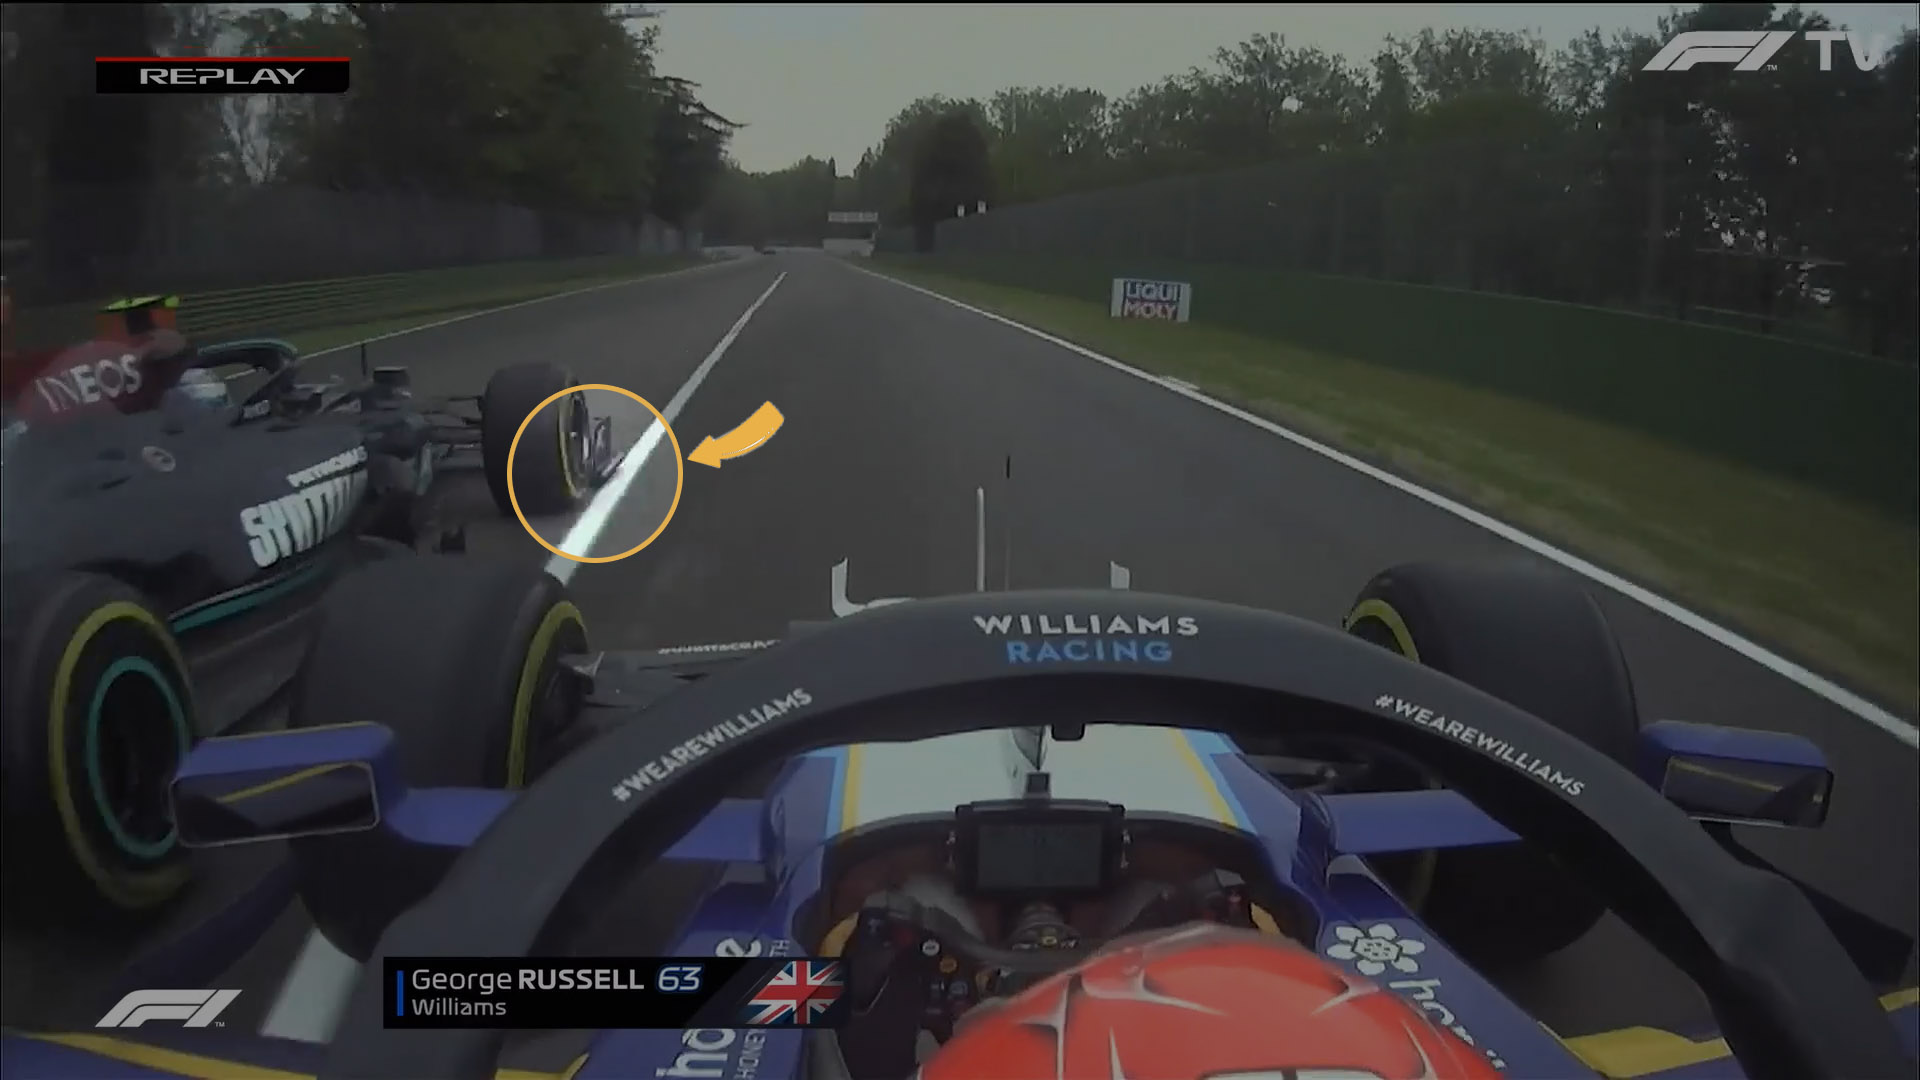 Russel, com a asa móvel aberta, tira para a direita. É possível ver a posição do carro de Bottas para fora da linha de saída do pitlane